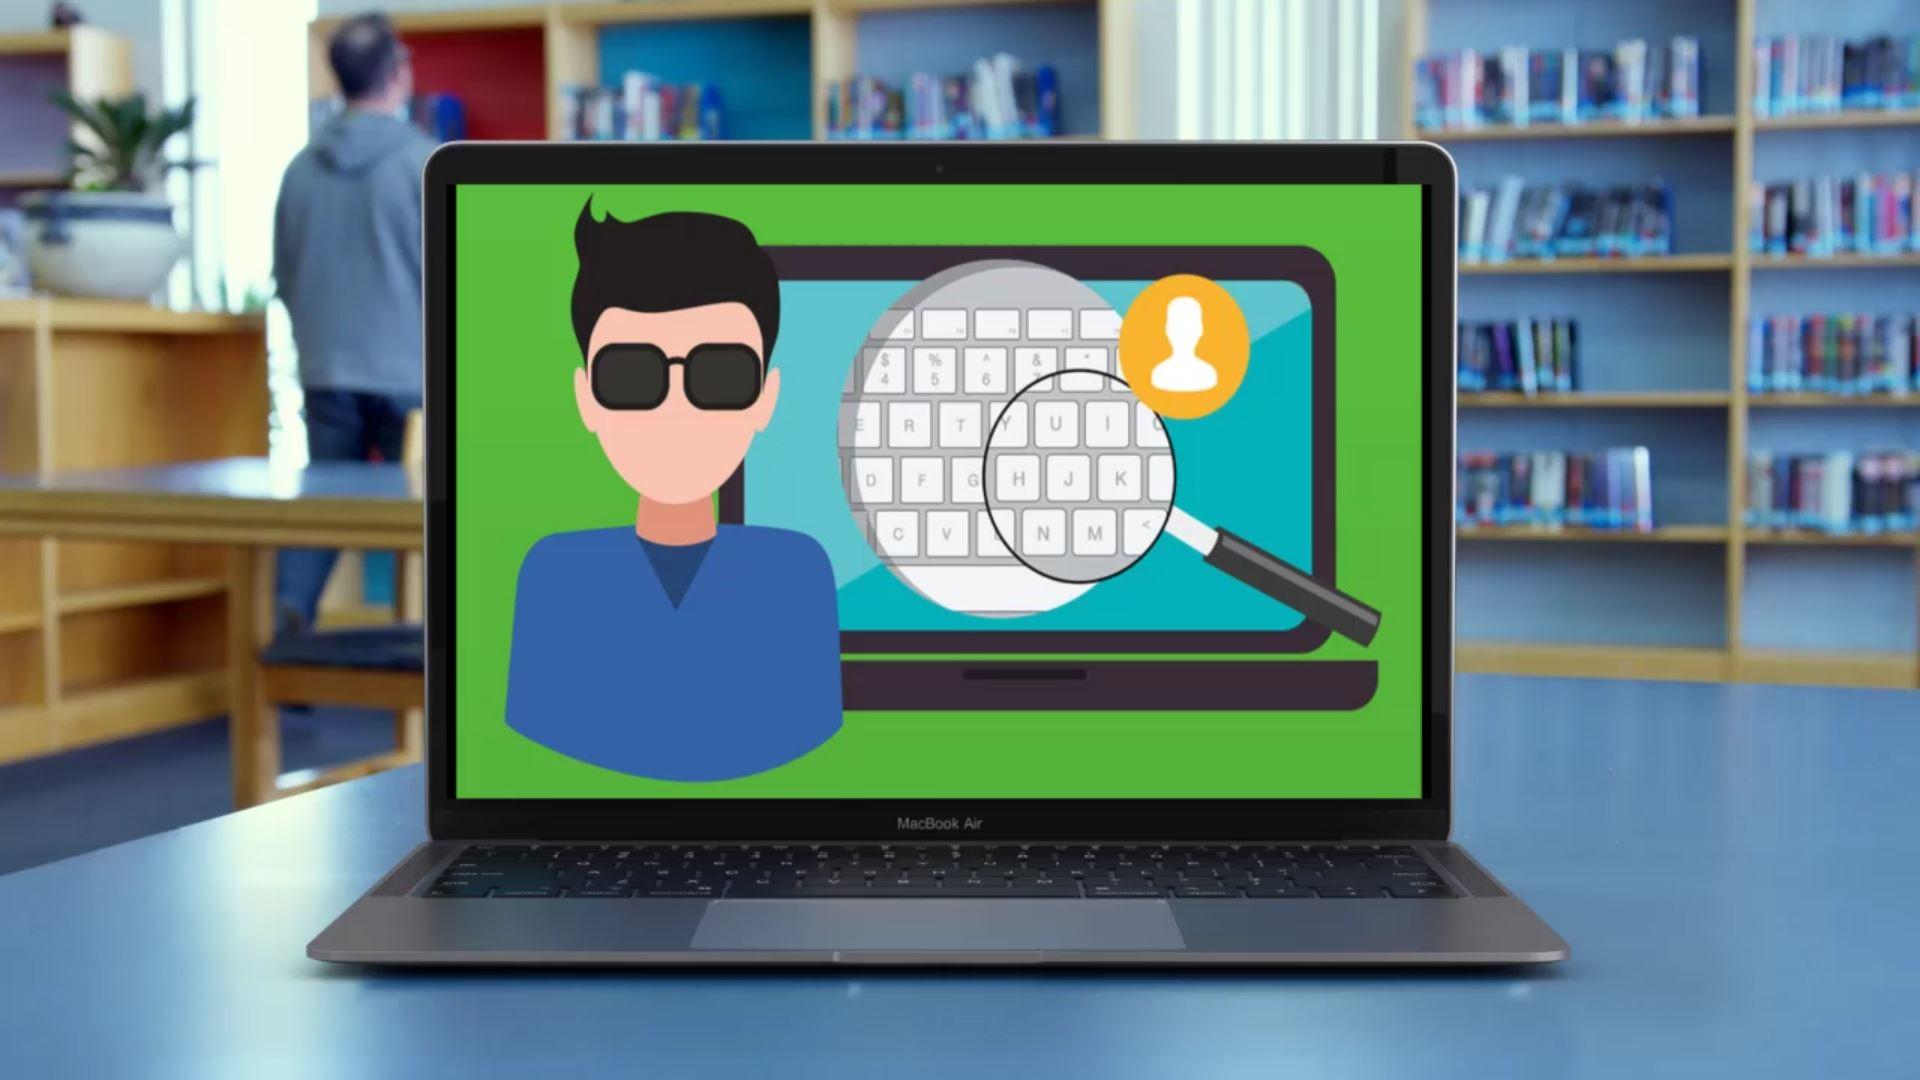 کیلاگر چیست؟ راه مقابله با کیلاگر ها؟ + فیلم اموزشی